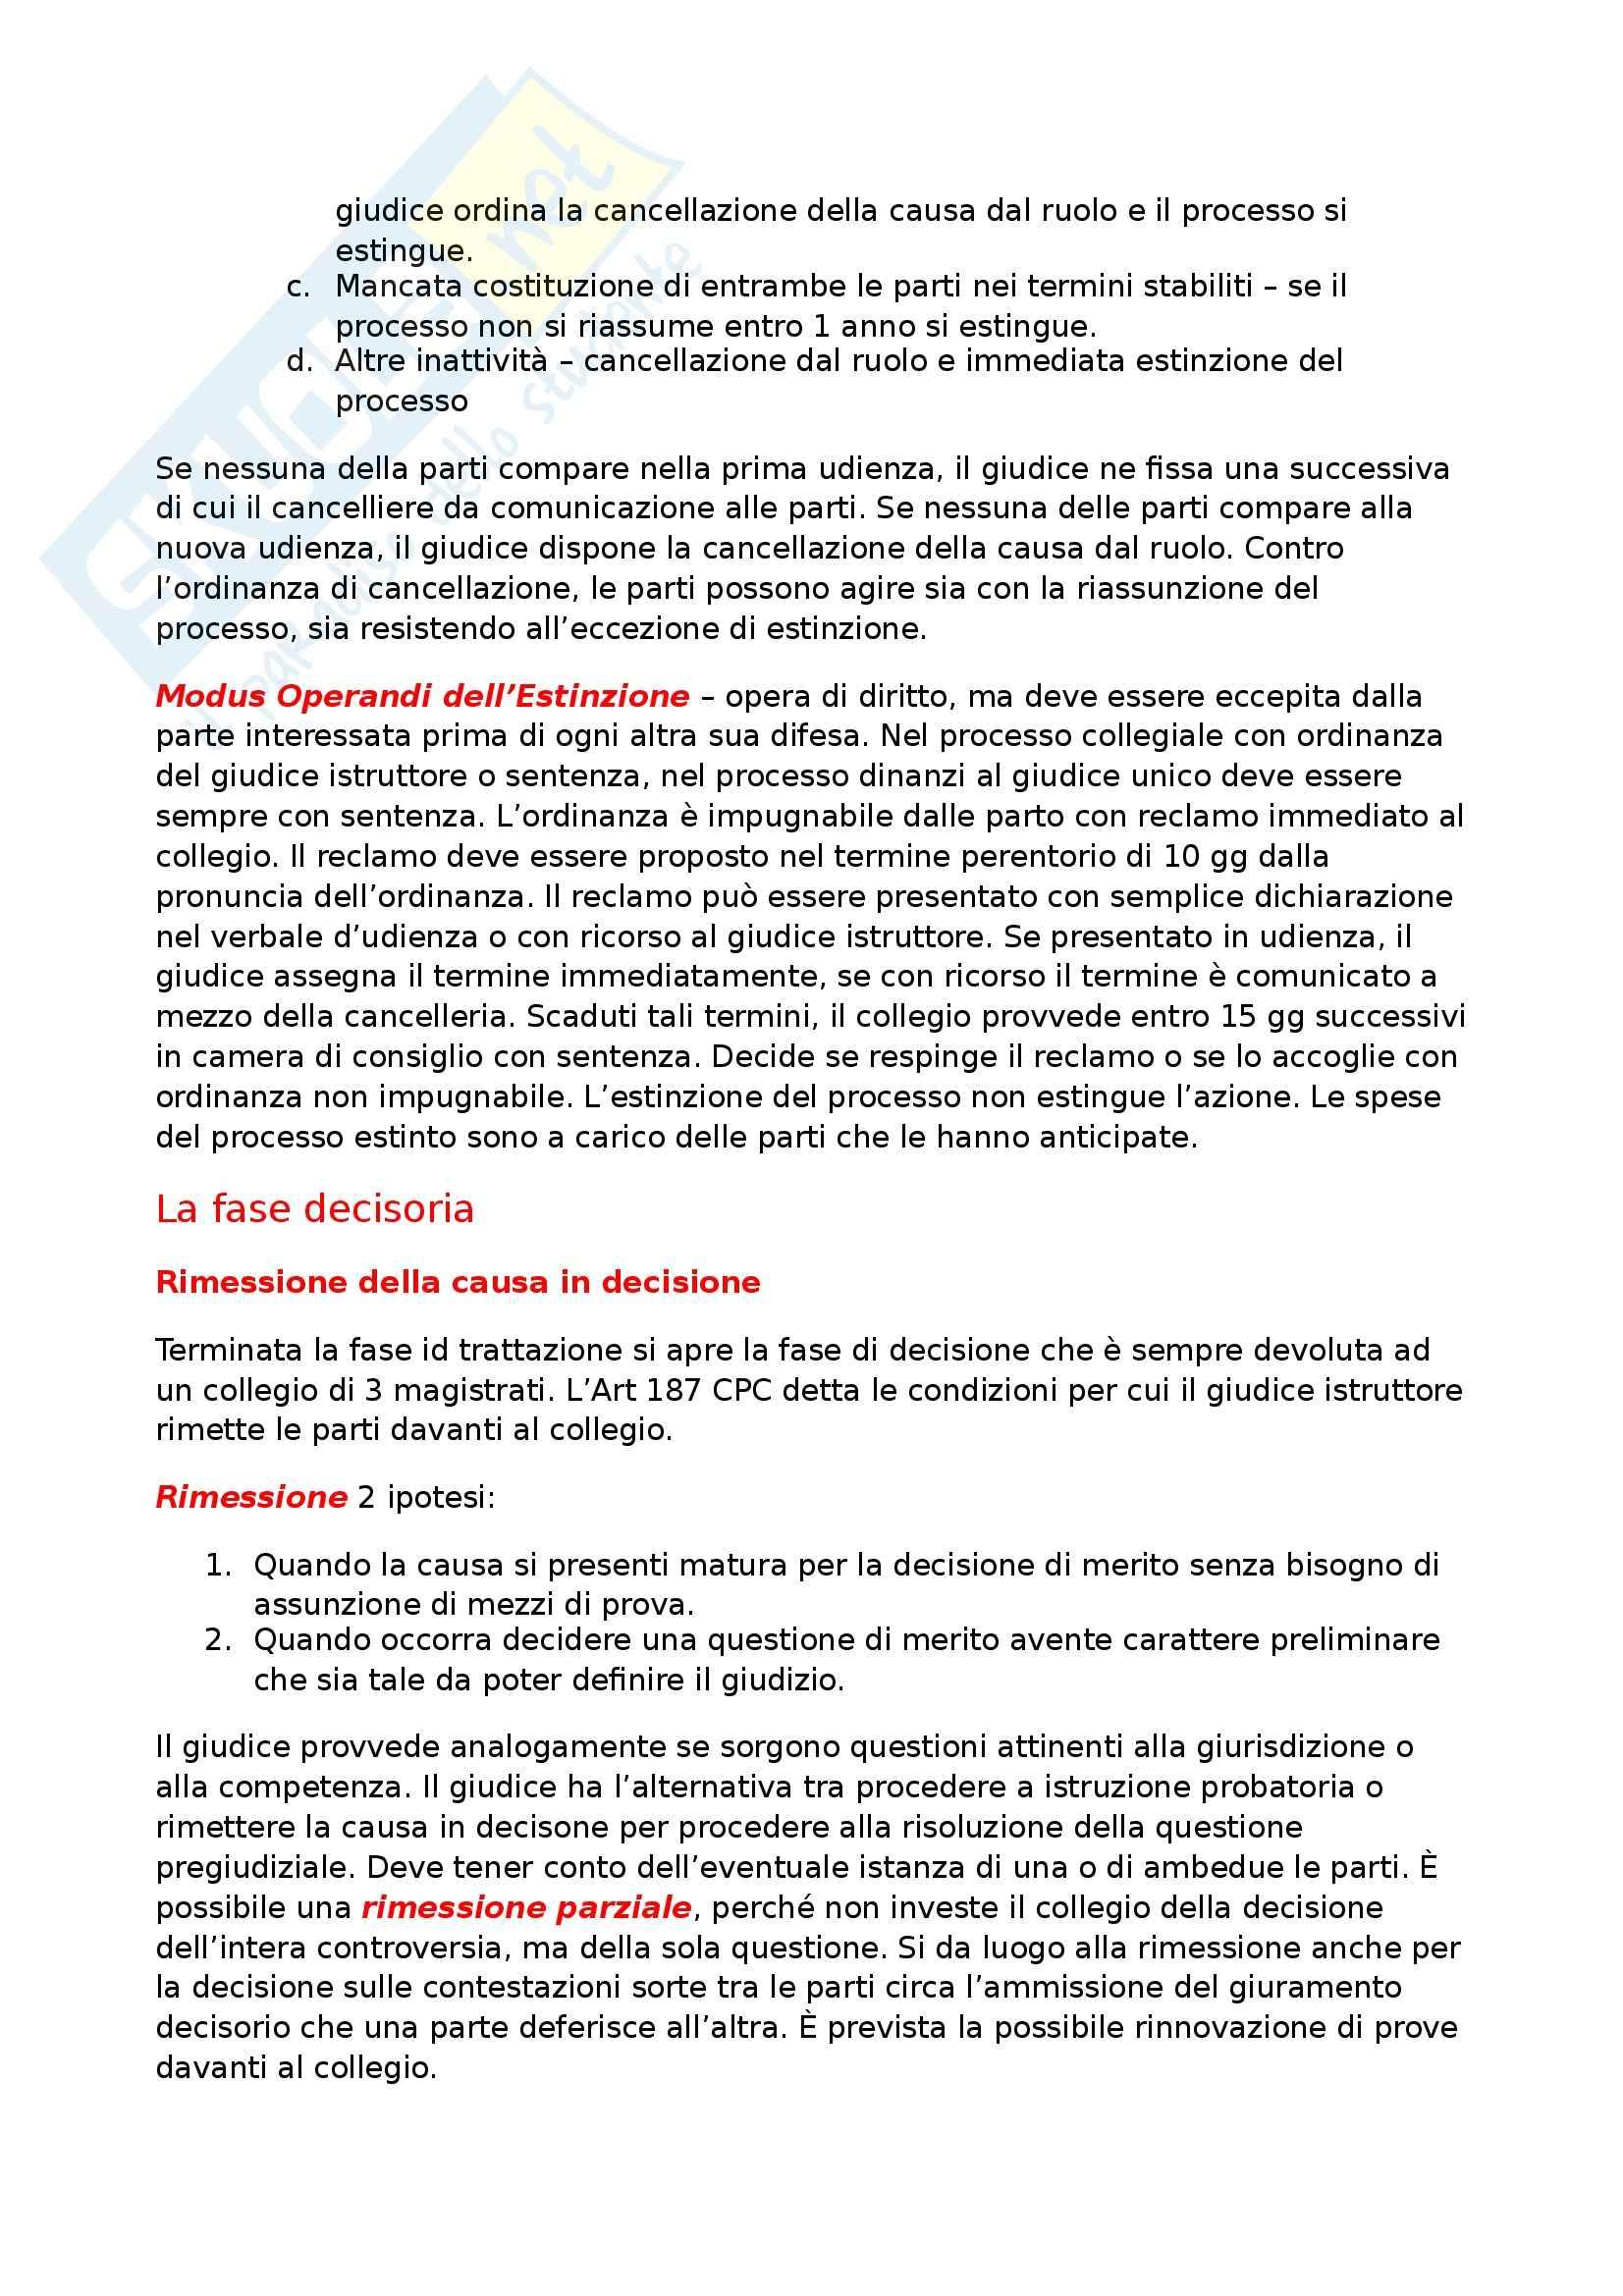 Riassunto esame Diritto Processuale Civile, prof. Maruffi Pag. 21